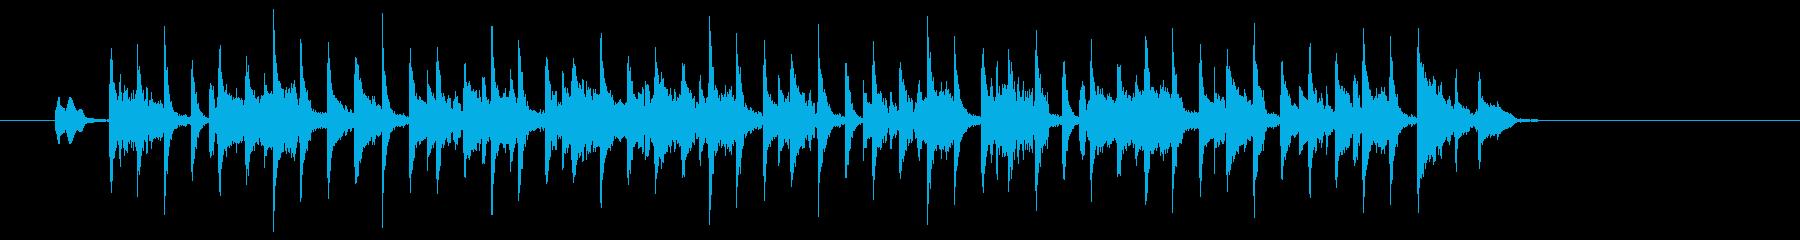 タイトで無機質な電子ミュージックの再生済みの波形